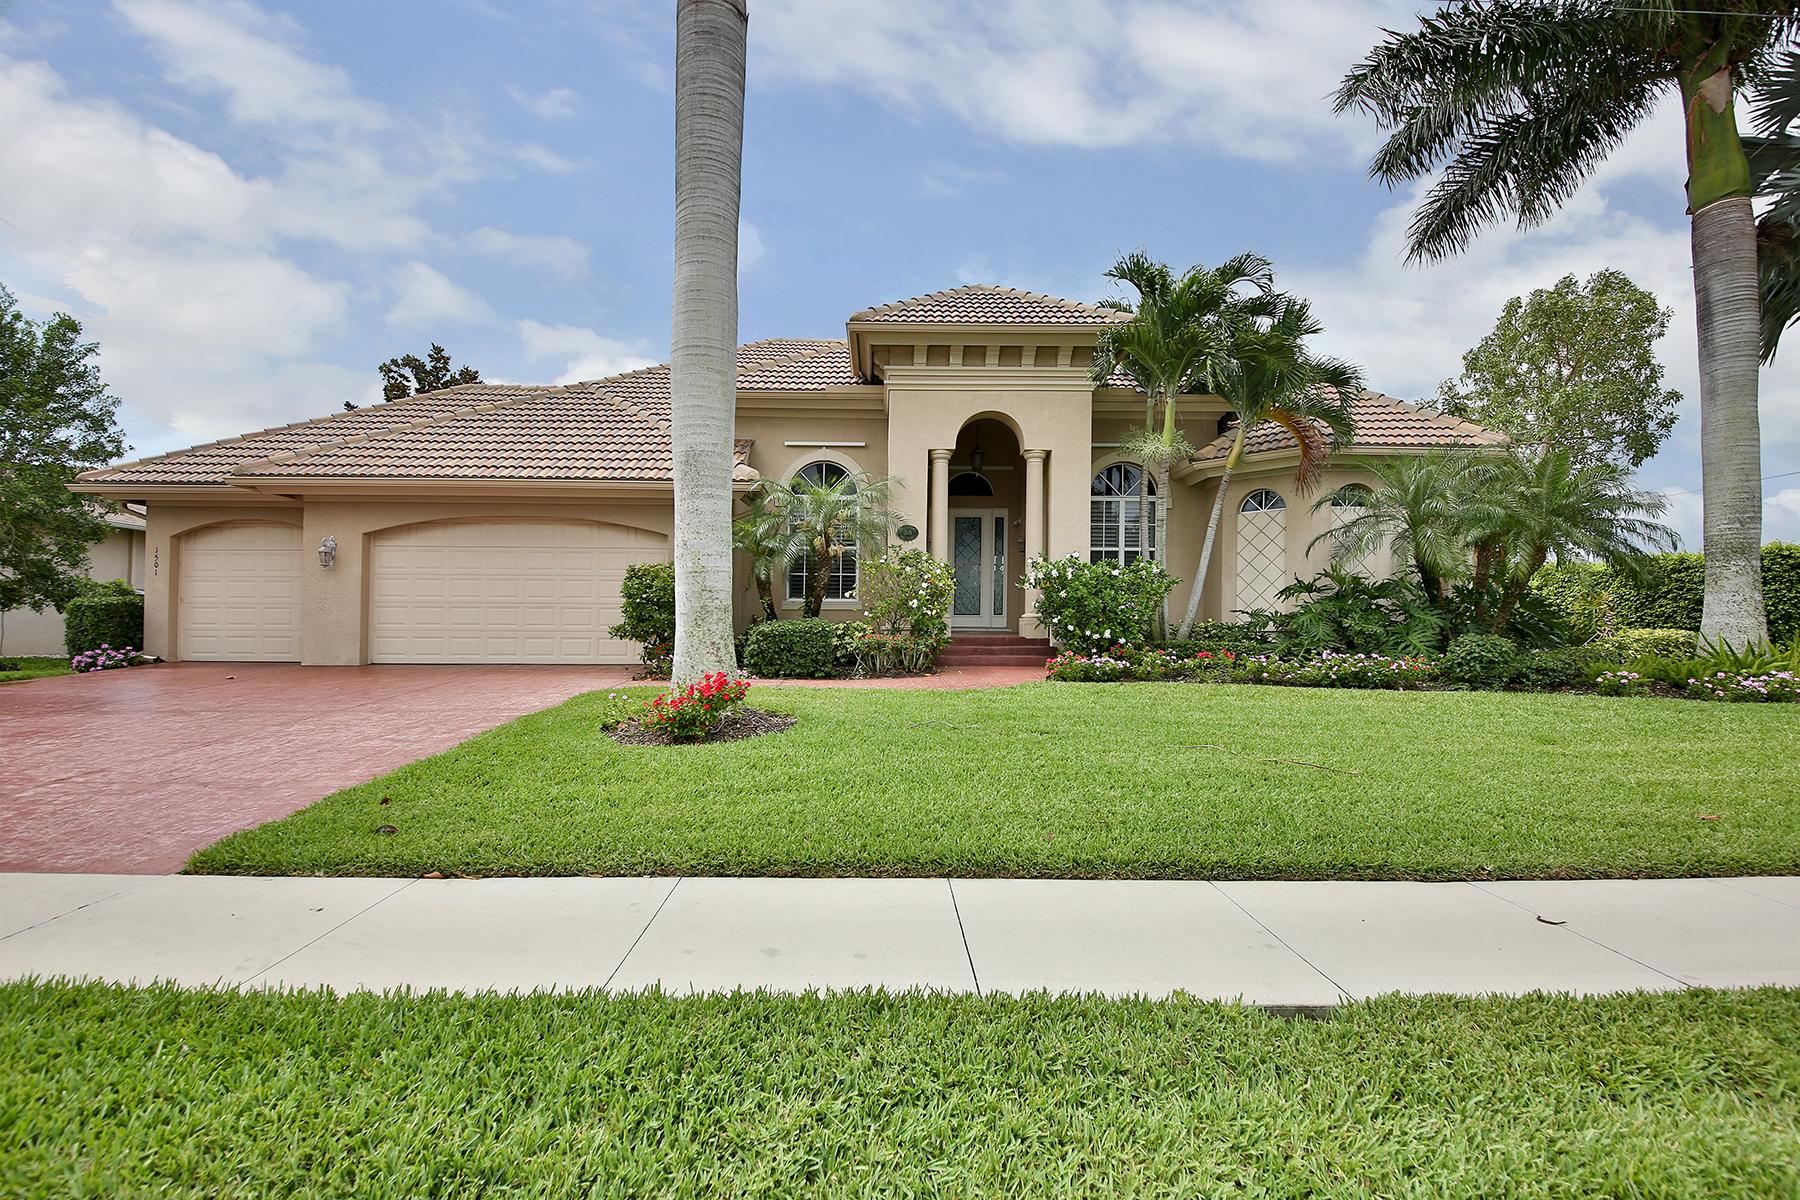 Villa per Vendita alle ore MARCO ISLAND - HONEYSUCKLE AVENUE 1501 Honeysuckle Ave Marco Island, Florida, 34145 Stati Uniti